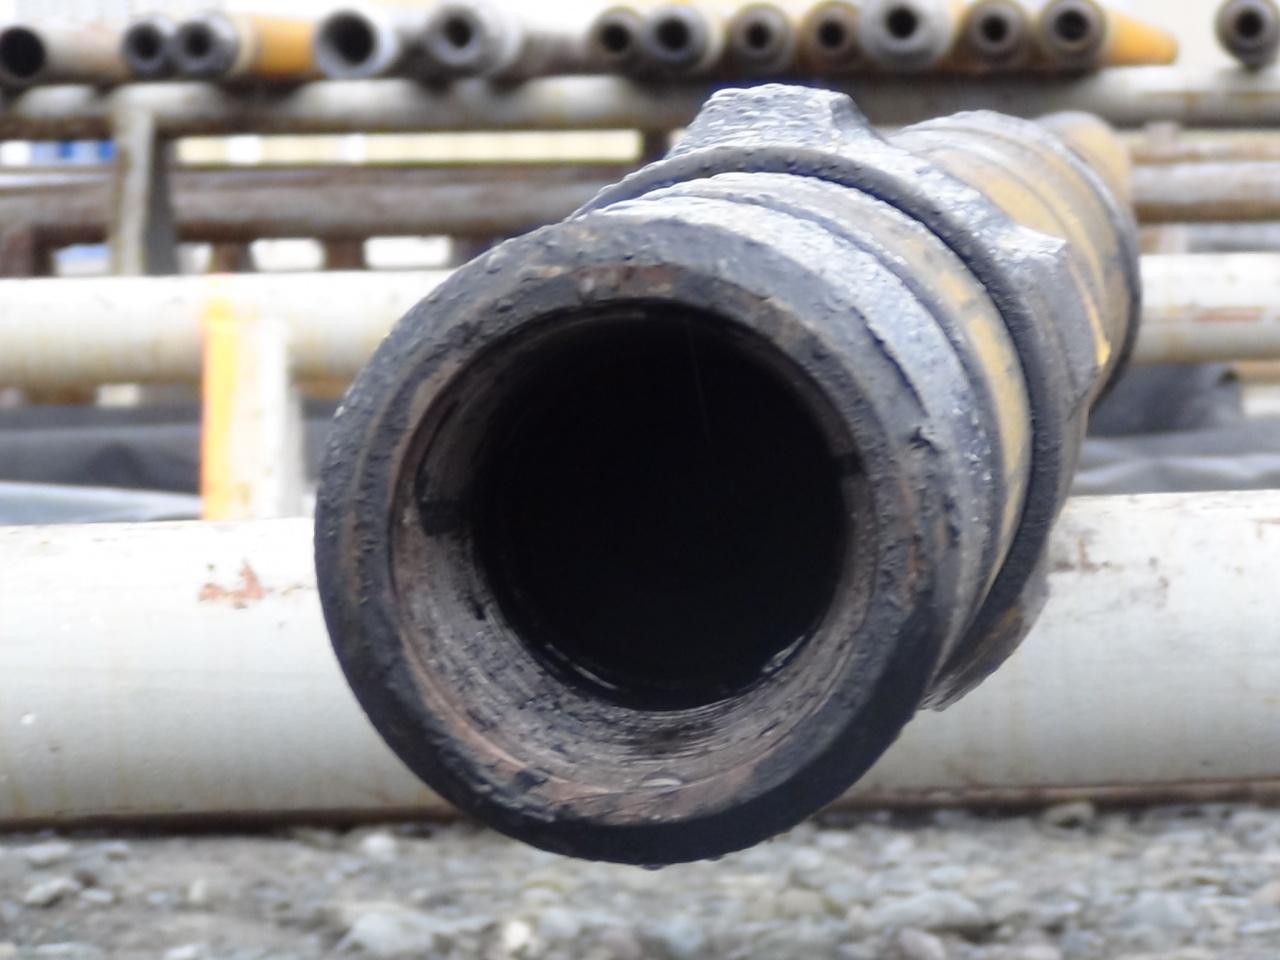 Open_end_of_pipeline.jpg